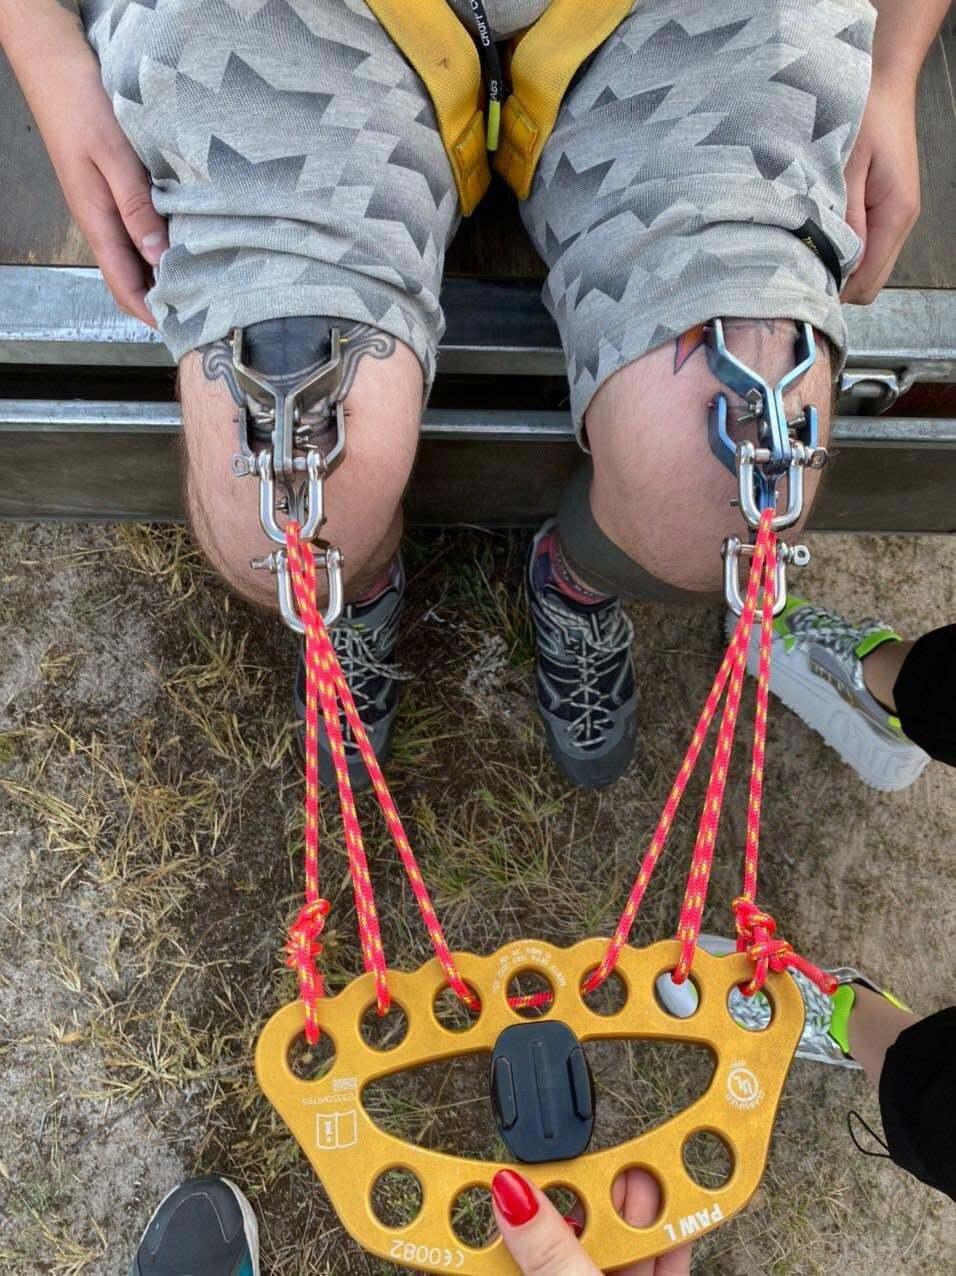 Клеця підвісили до кошика повітряної кулі за шкіру на колінах